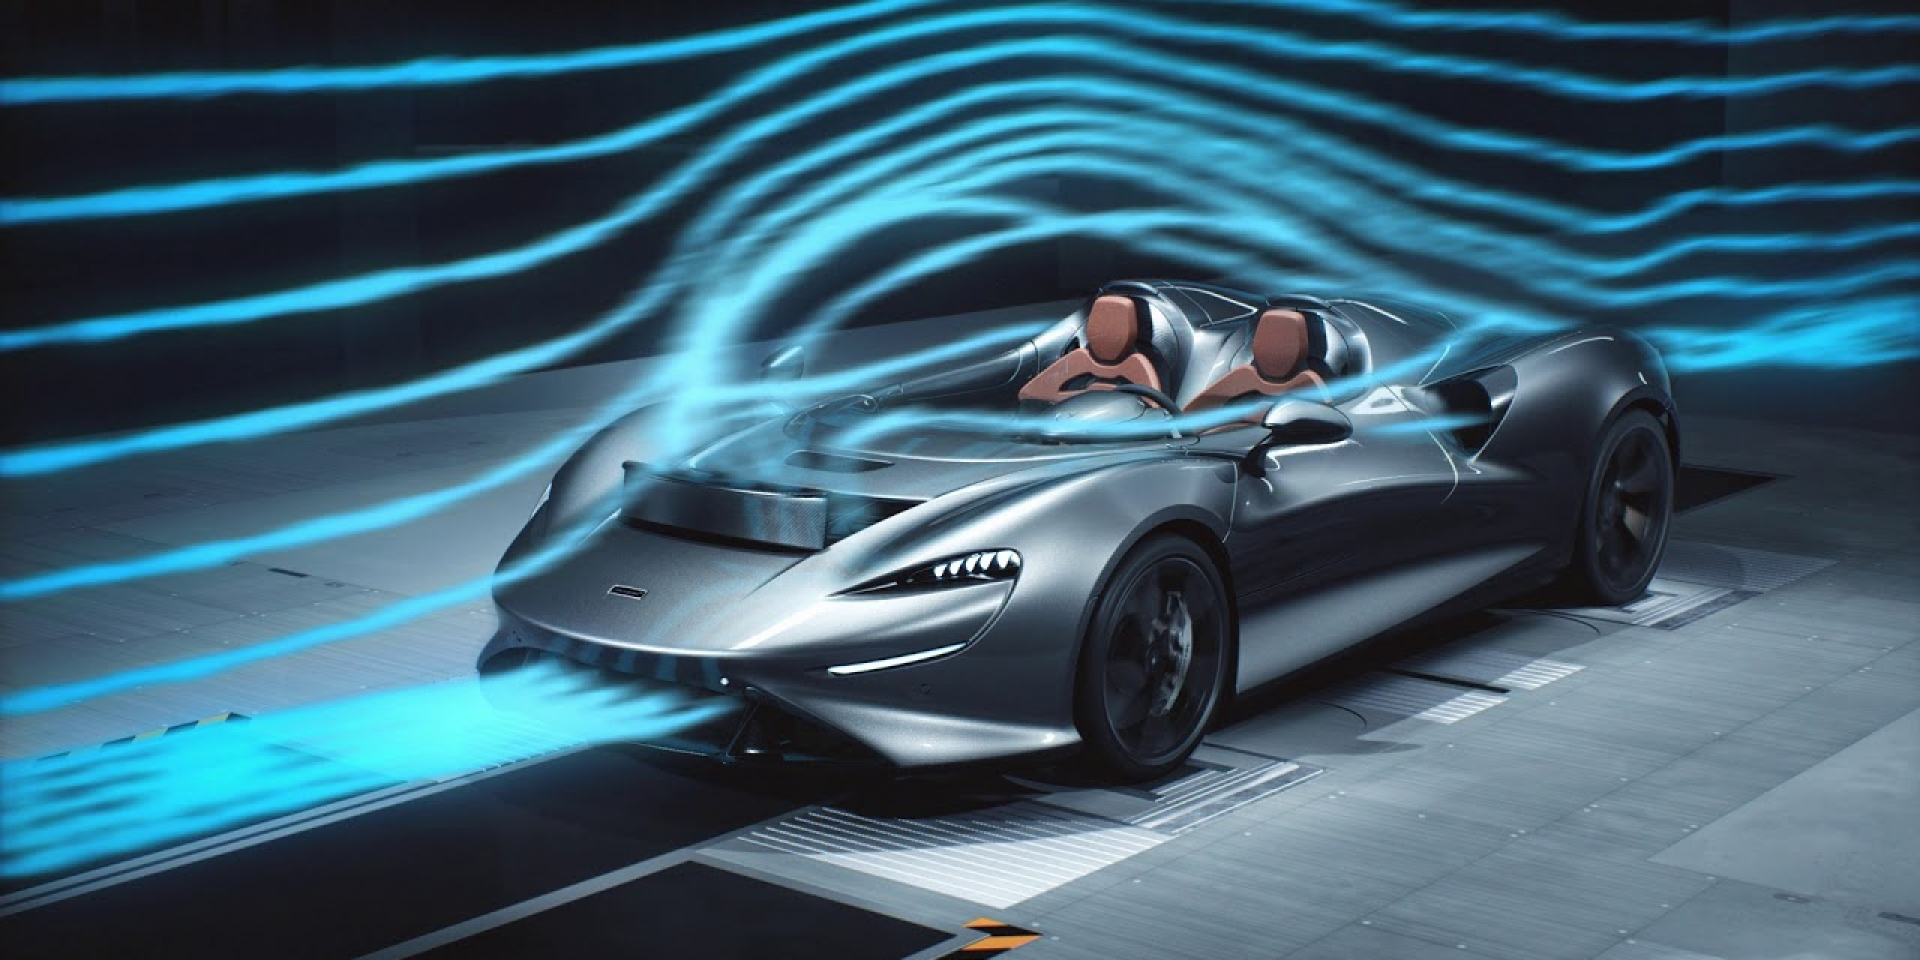 McLaren Elva沒有擋風玻璃 依舊擁有帥氣髮型!